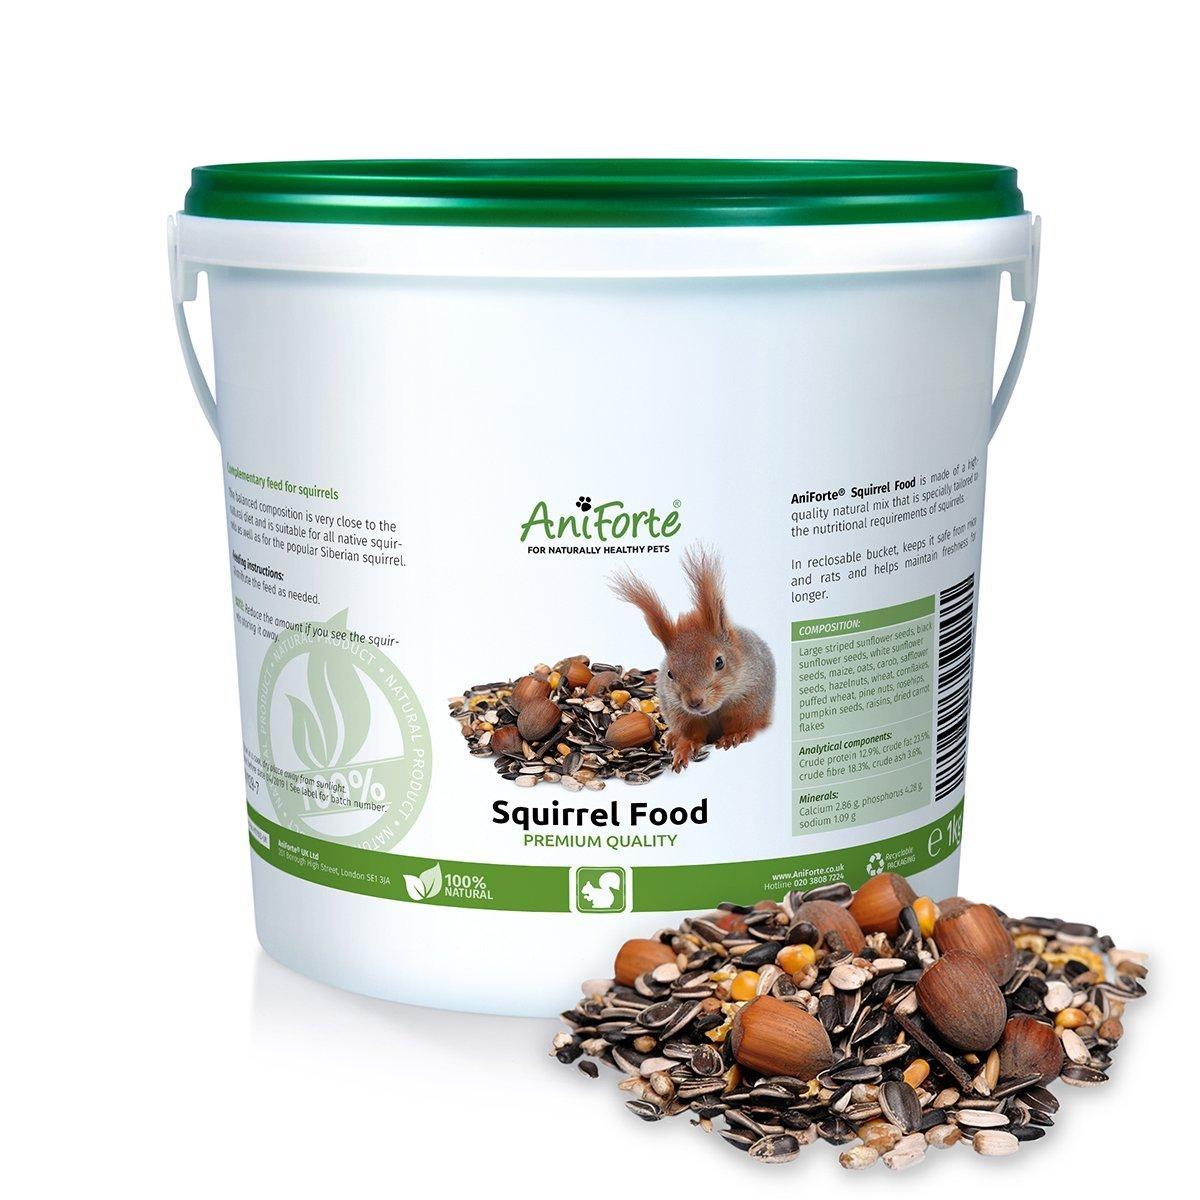 AniForte Squirrel Food Mix 2kg 100% Natural Feed for Squirrels, Chipmunks & Wild Birds | Sunflower Seeds, Hazelnuts, Rosehips, Cedar nuts, Raisins Görges Naturprodukte GmbH